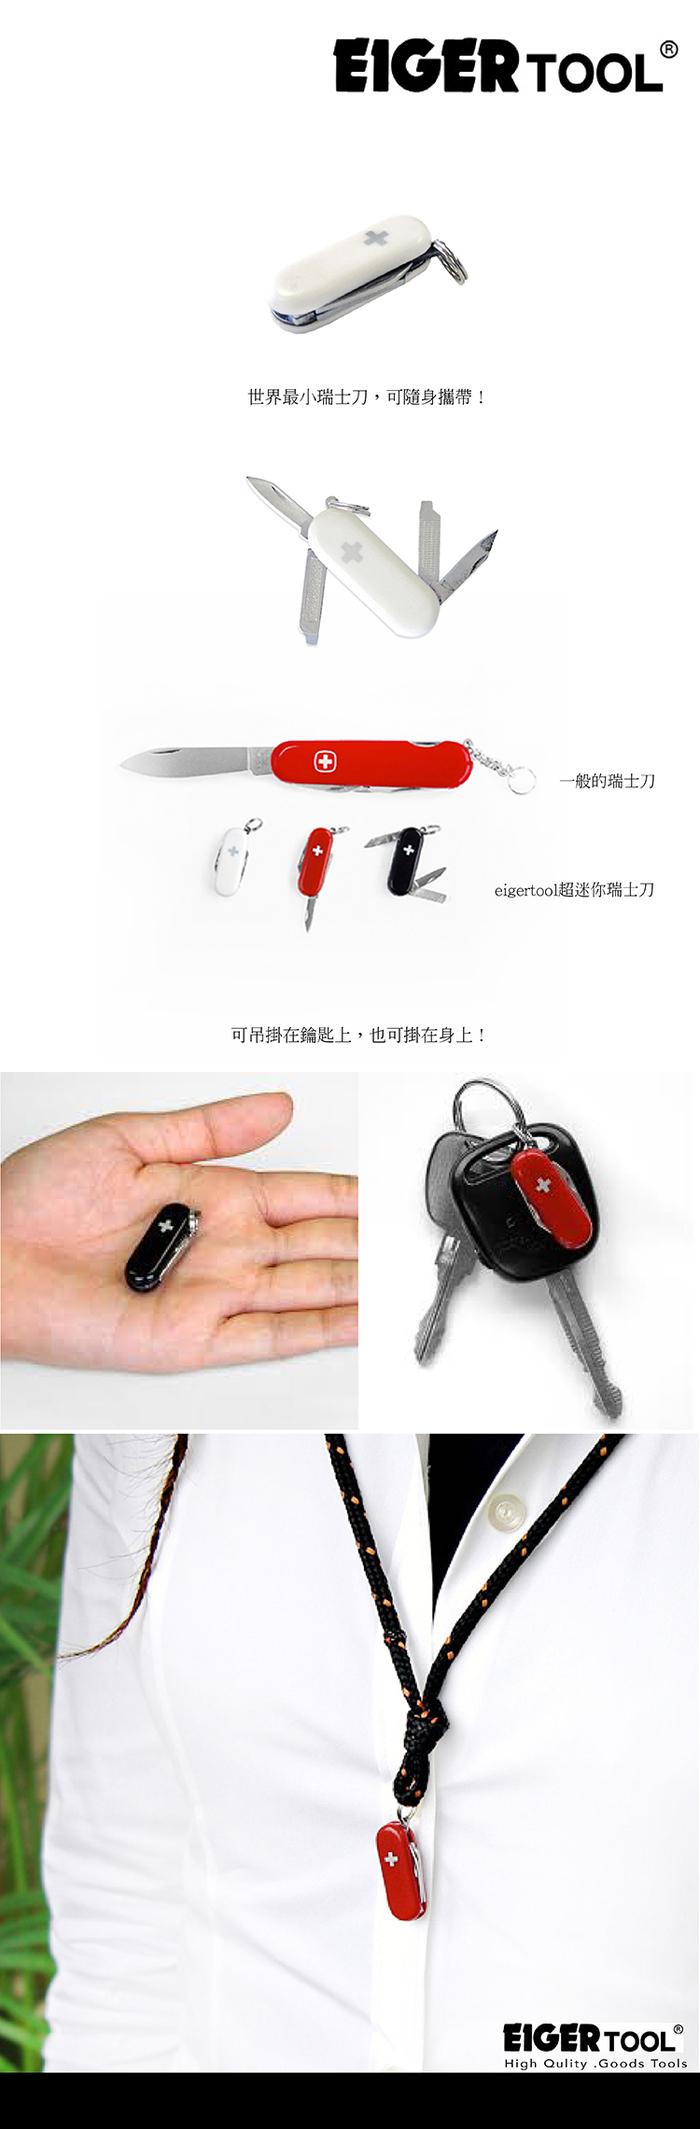 Eigertool|超迷你瑞士刀-復古紅